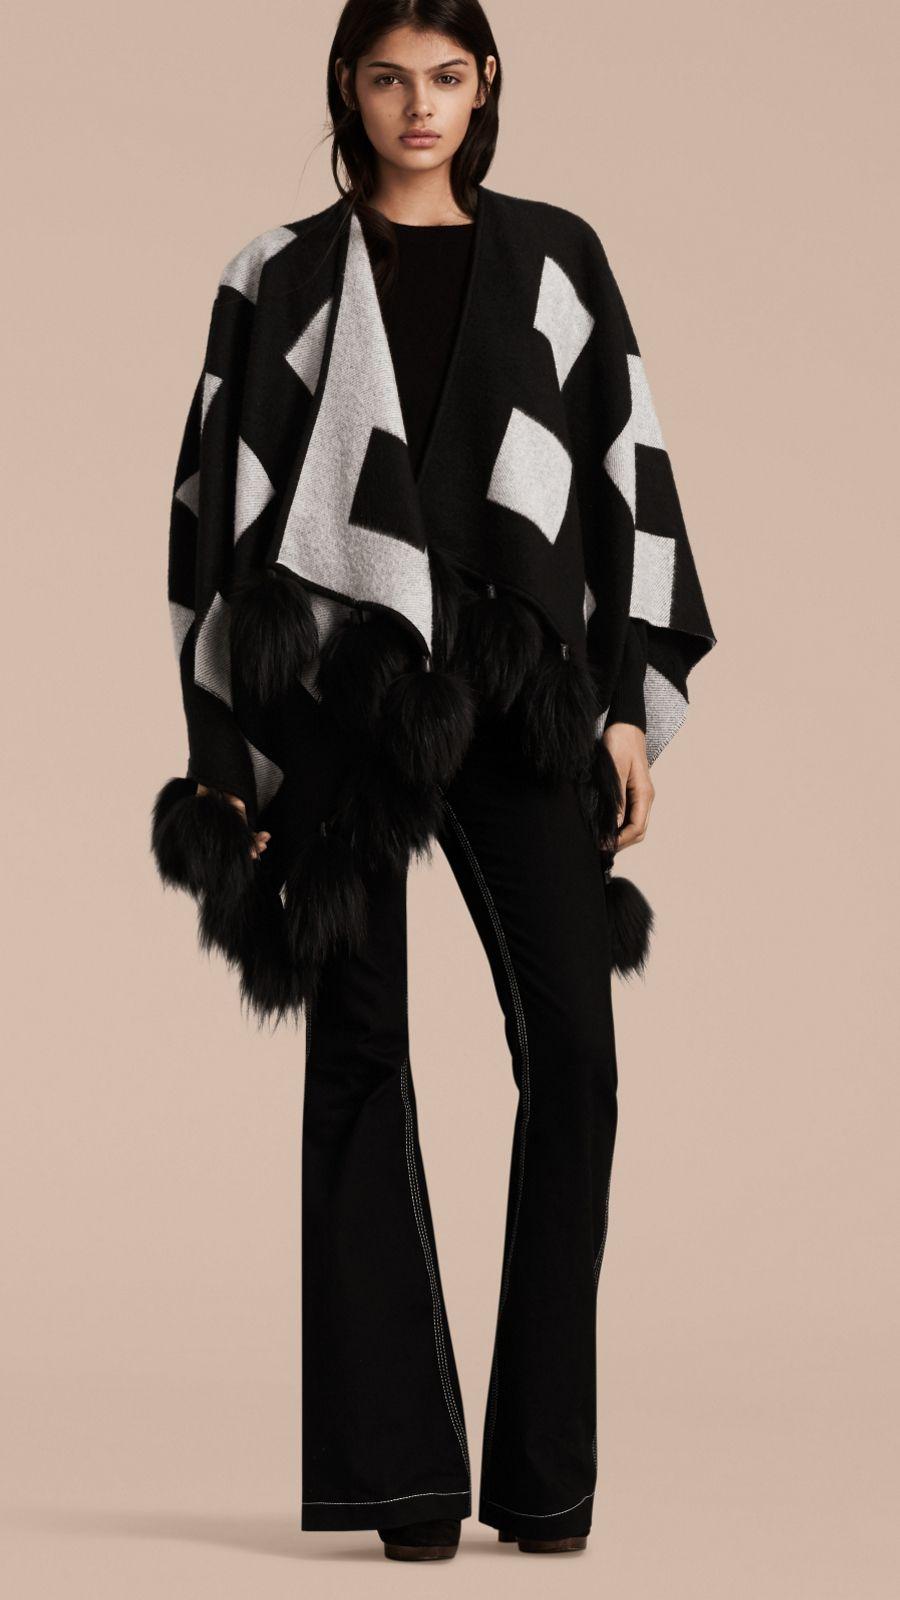 Negro blanco Poncho de cachemir con checks en jacquard y pompones en piel  de mapache - Imagen 1 c69c2959bfef